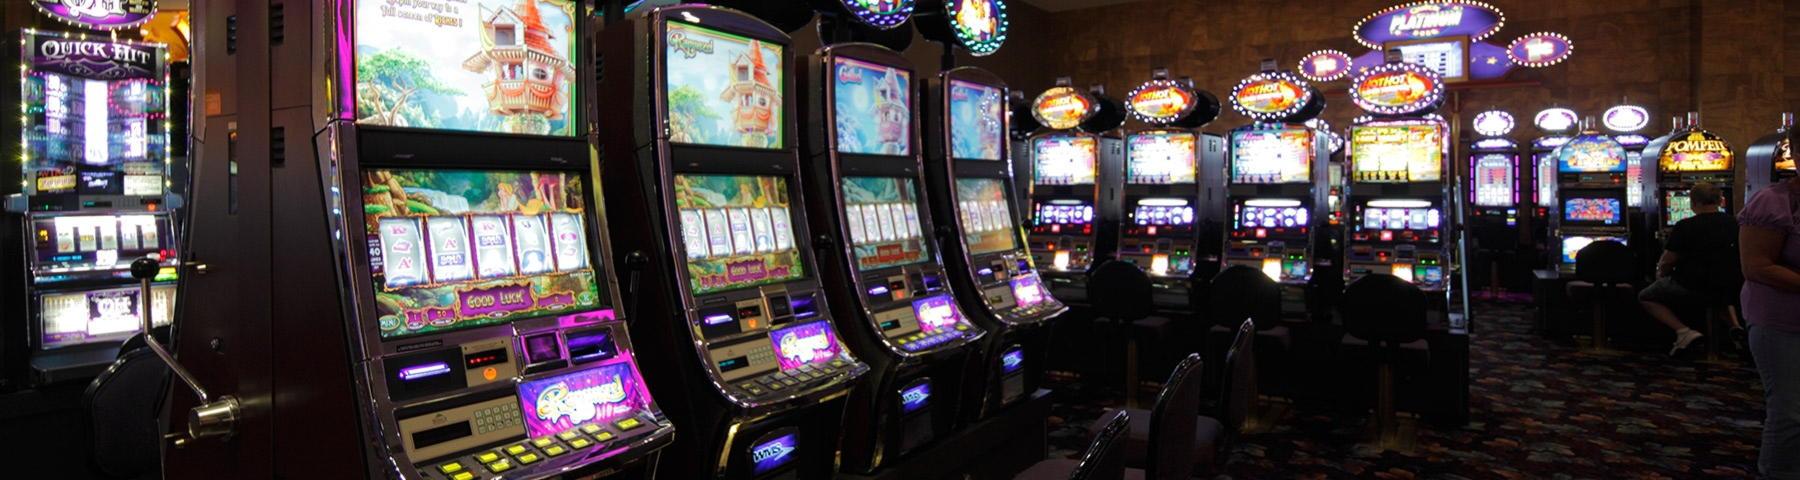 EURO 3140 No deposit casino bonus at bWin Casino